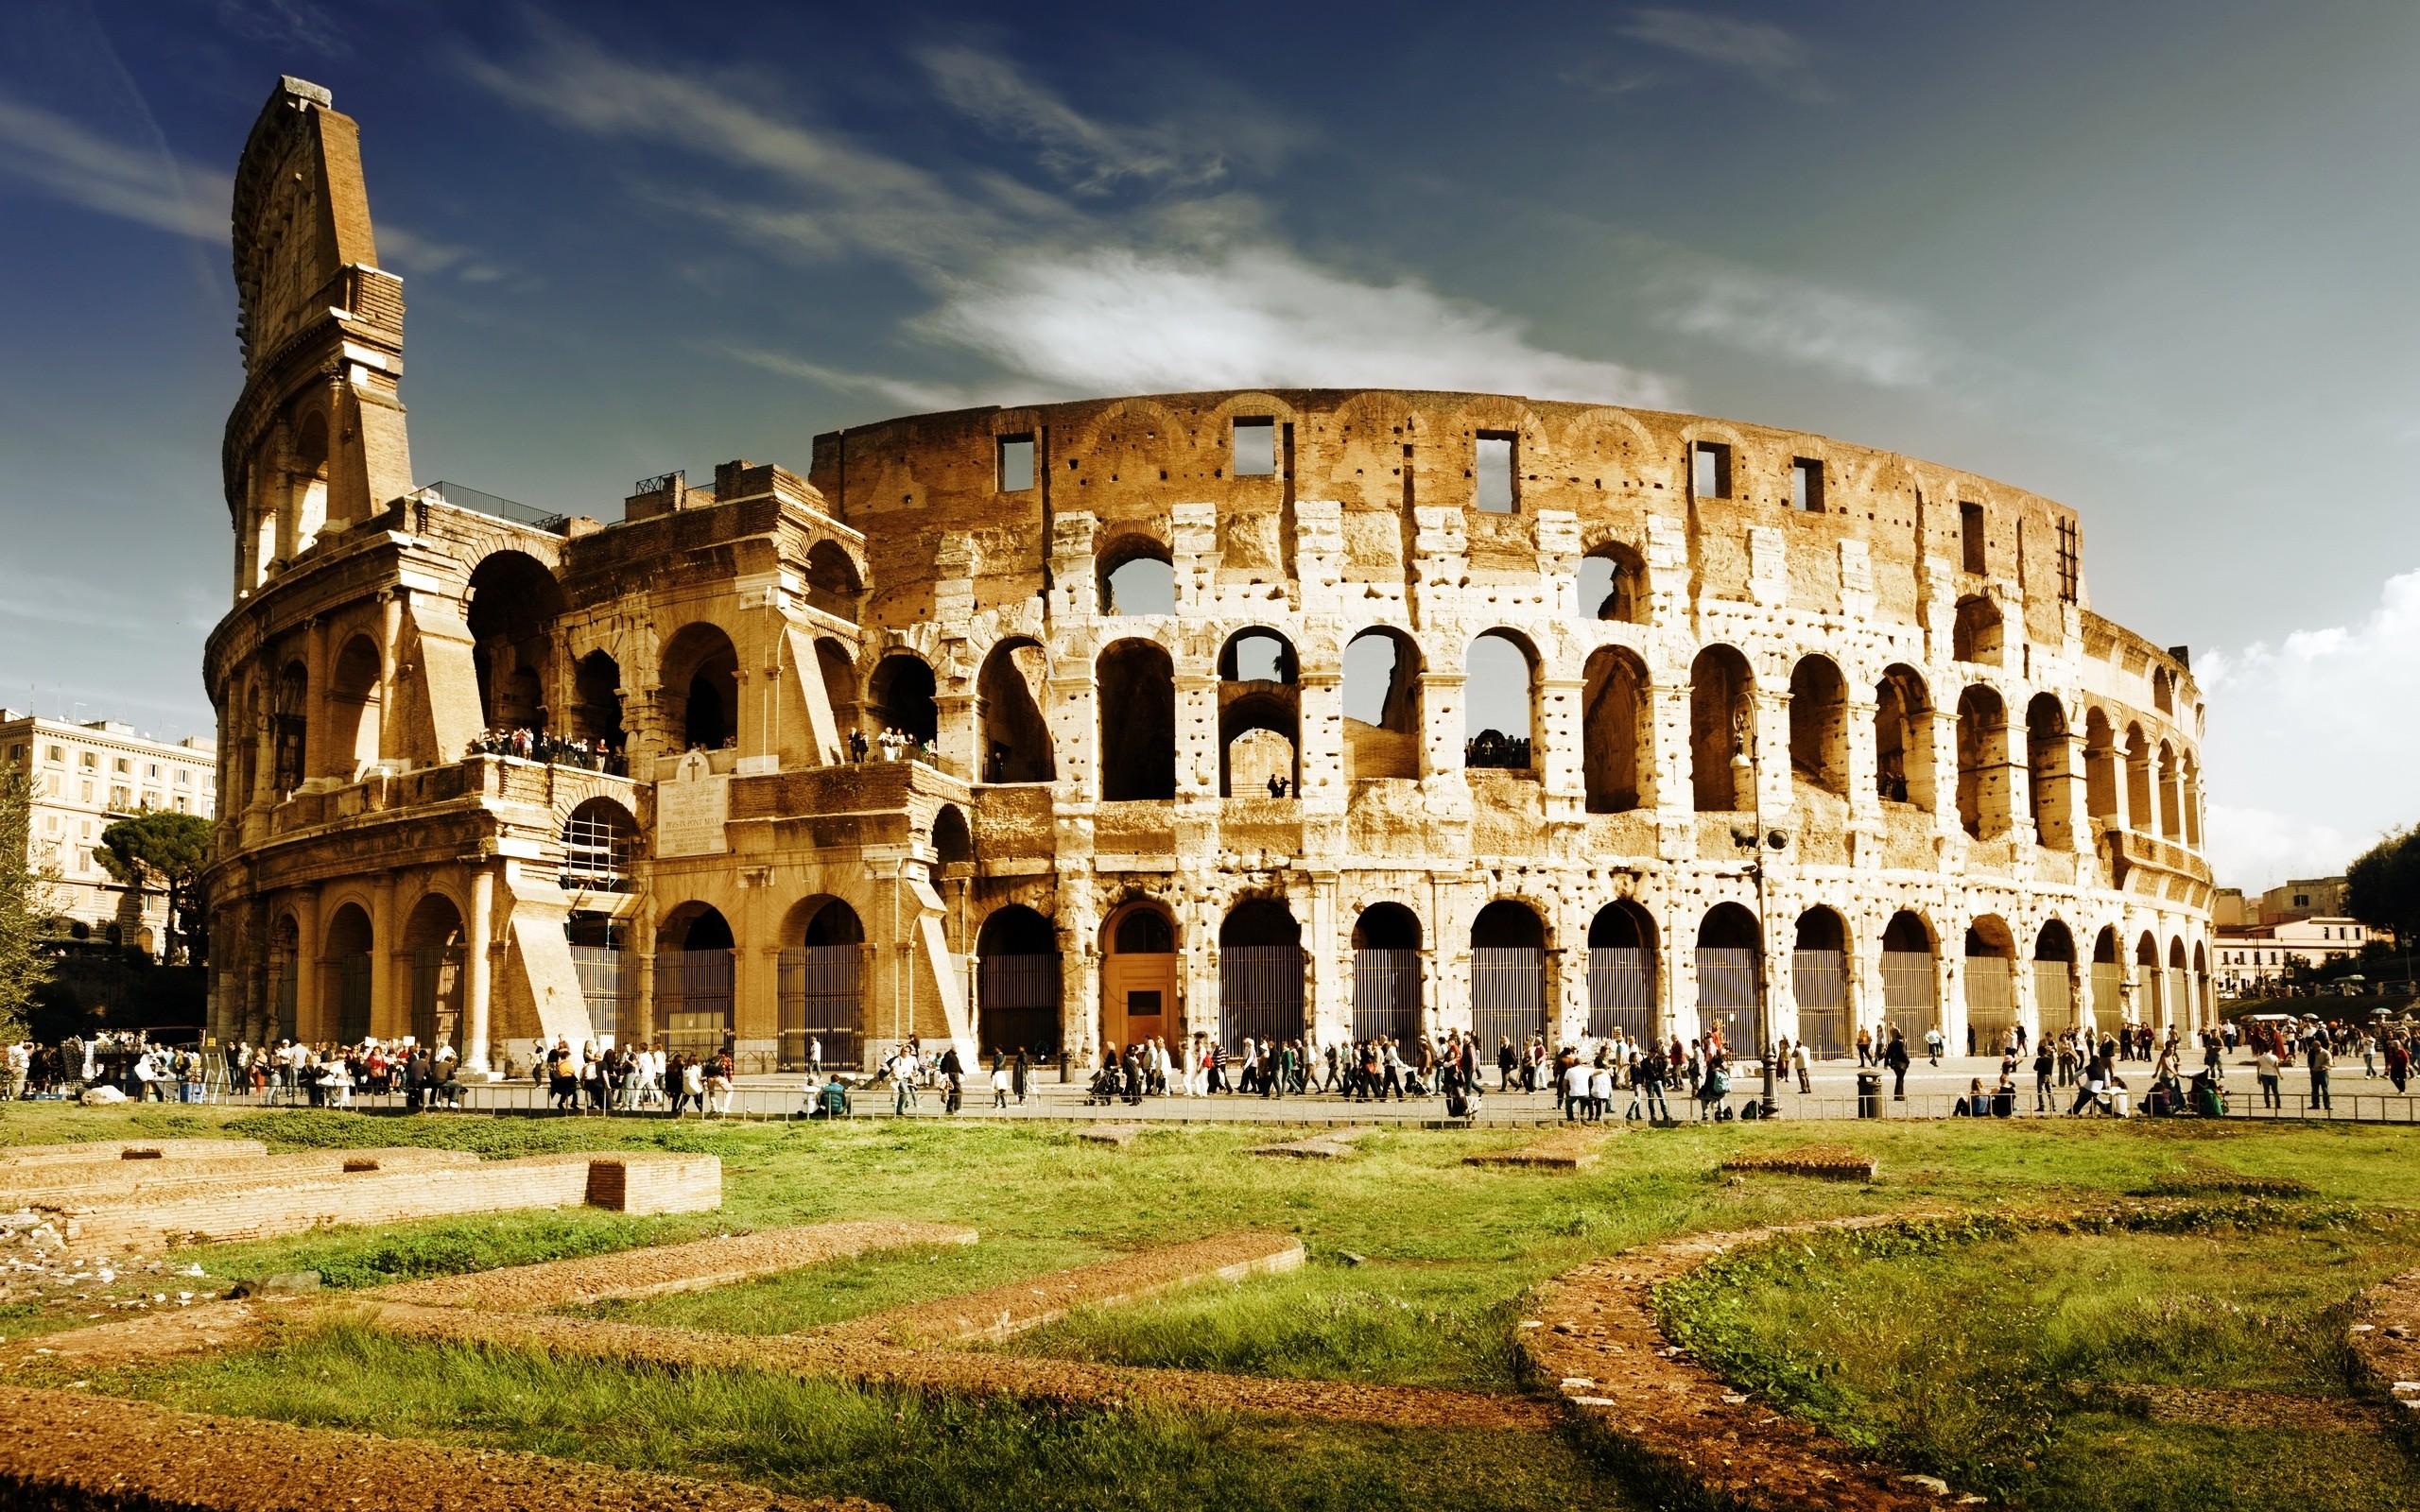 outside of Colosseum